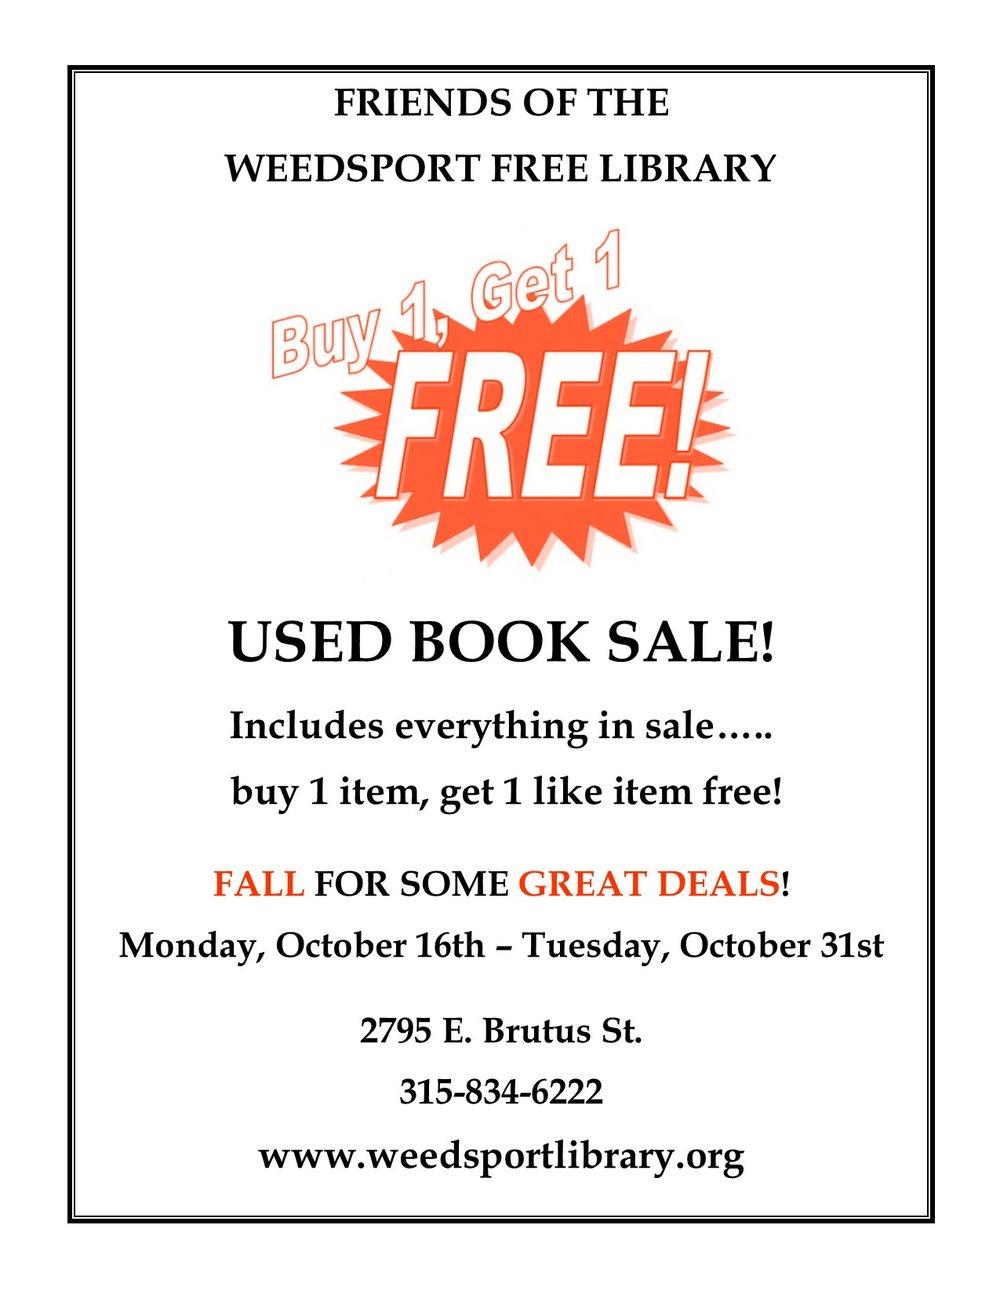 buy 1 get 1 book sale 1017.jpg